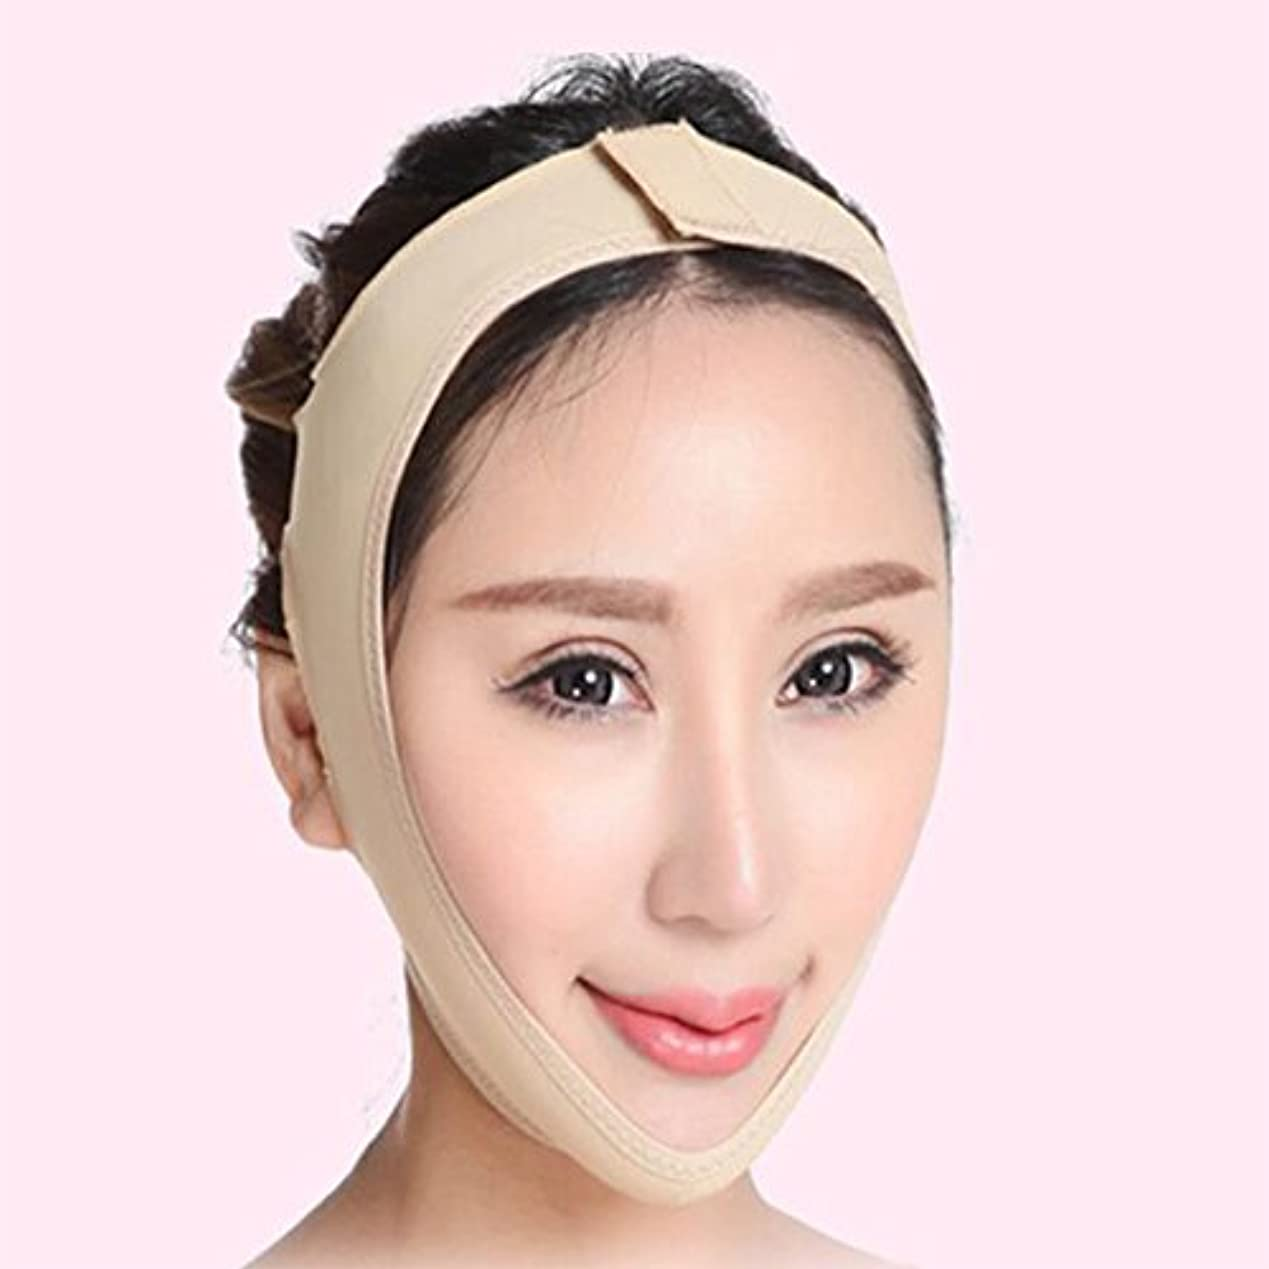 アルファベット順オーバーコート挽く1stモール 小顔 小顔マスク リフトアップ マスク フェイスライン 矯正 あご シャープ メンズ レディース Mサイズ ST-AZD15003-M